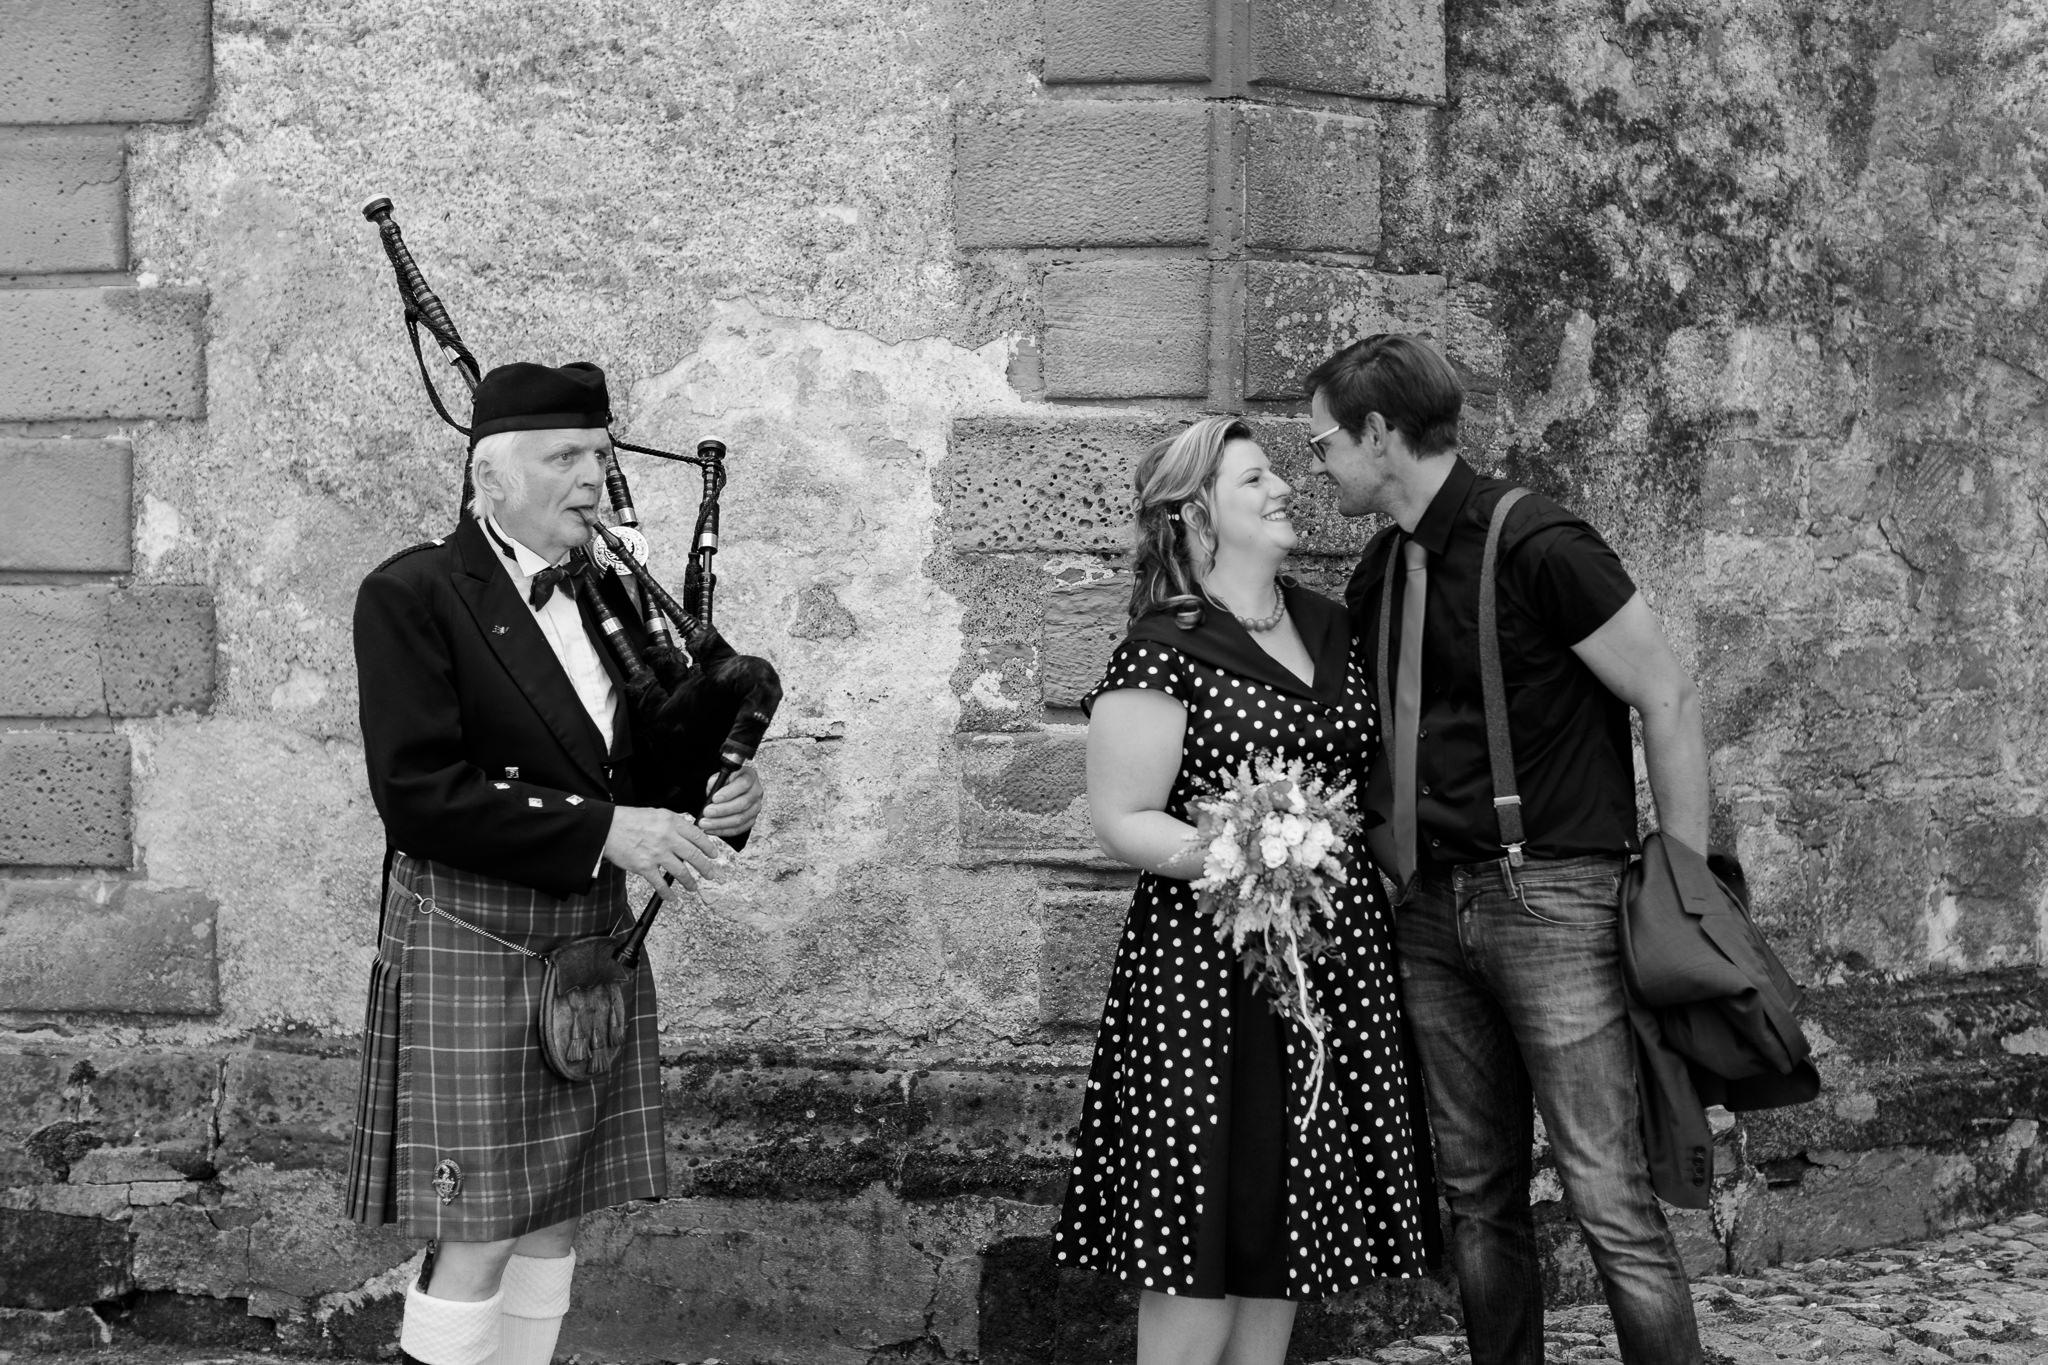 Hochzeitsfotograf Einbeck - das Brautpaar wirft sich verliebte Blicke zu